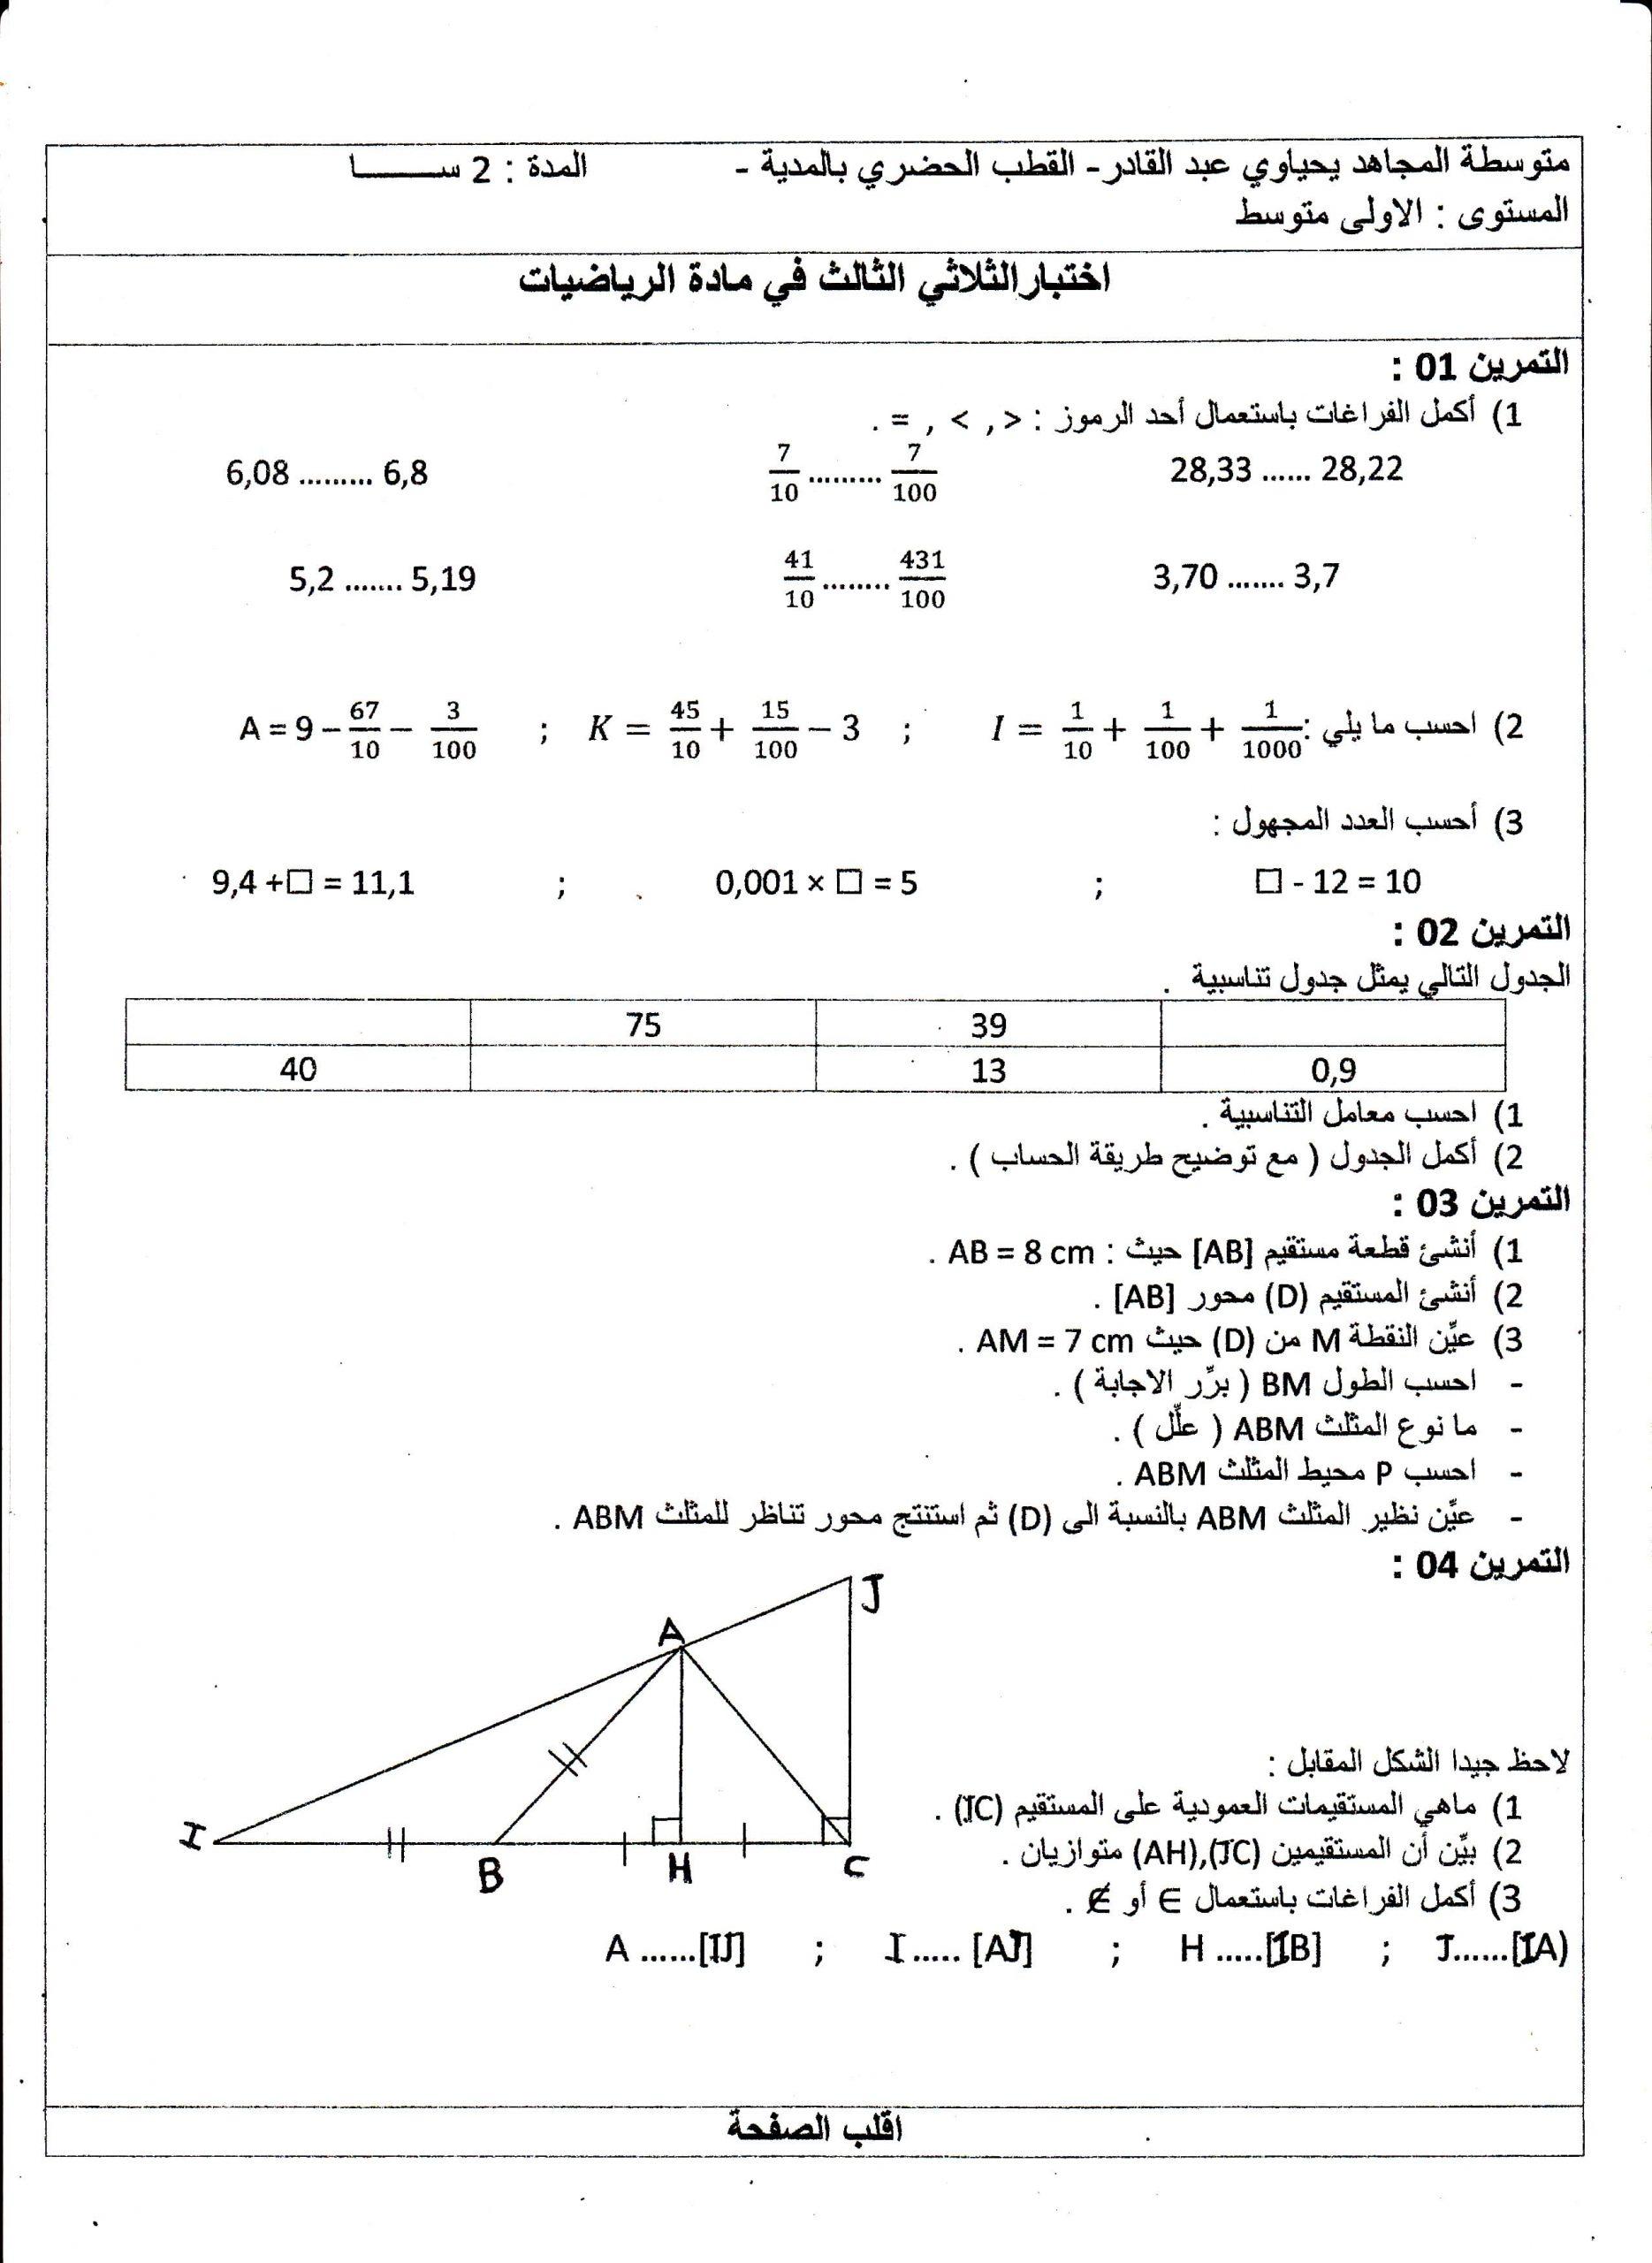 اختبار الفصل الثالث في مادة الرياضيات للسنة الثانية متوسط - الموضوع 03